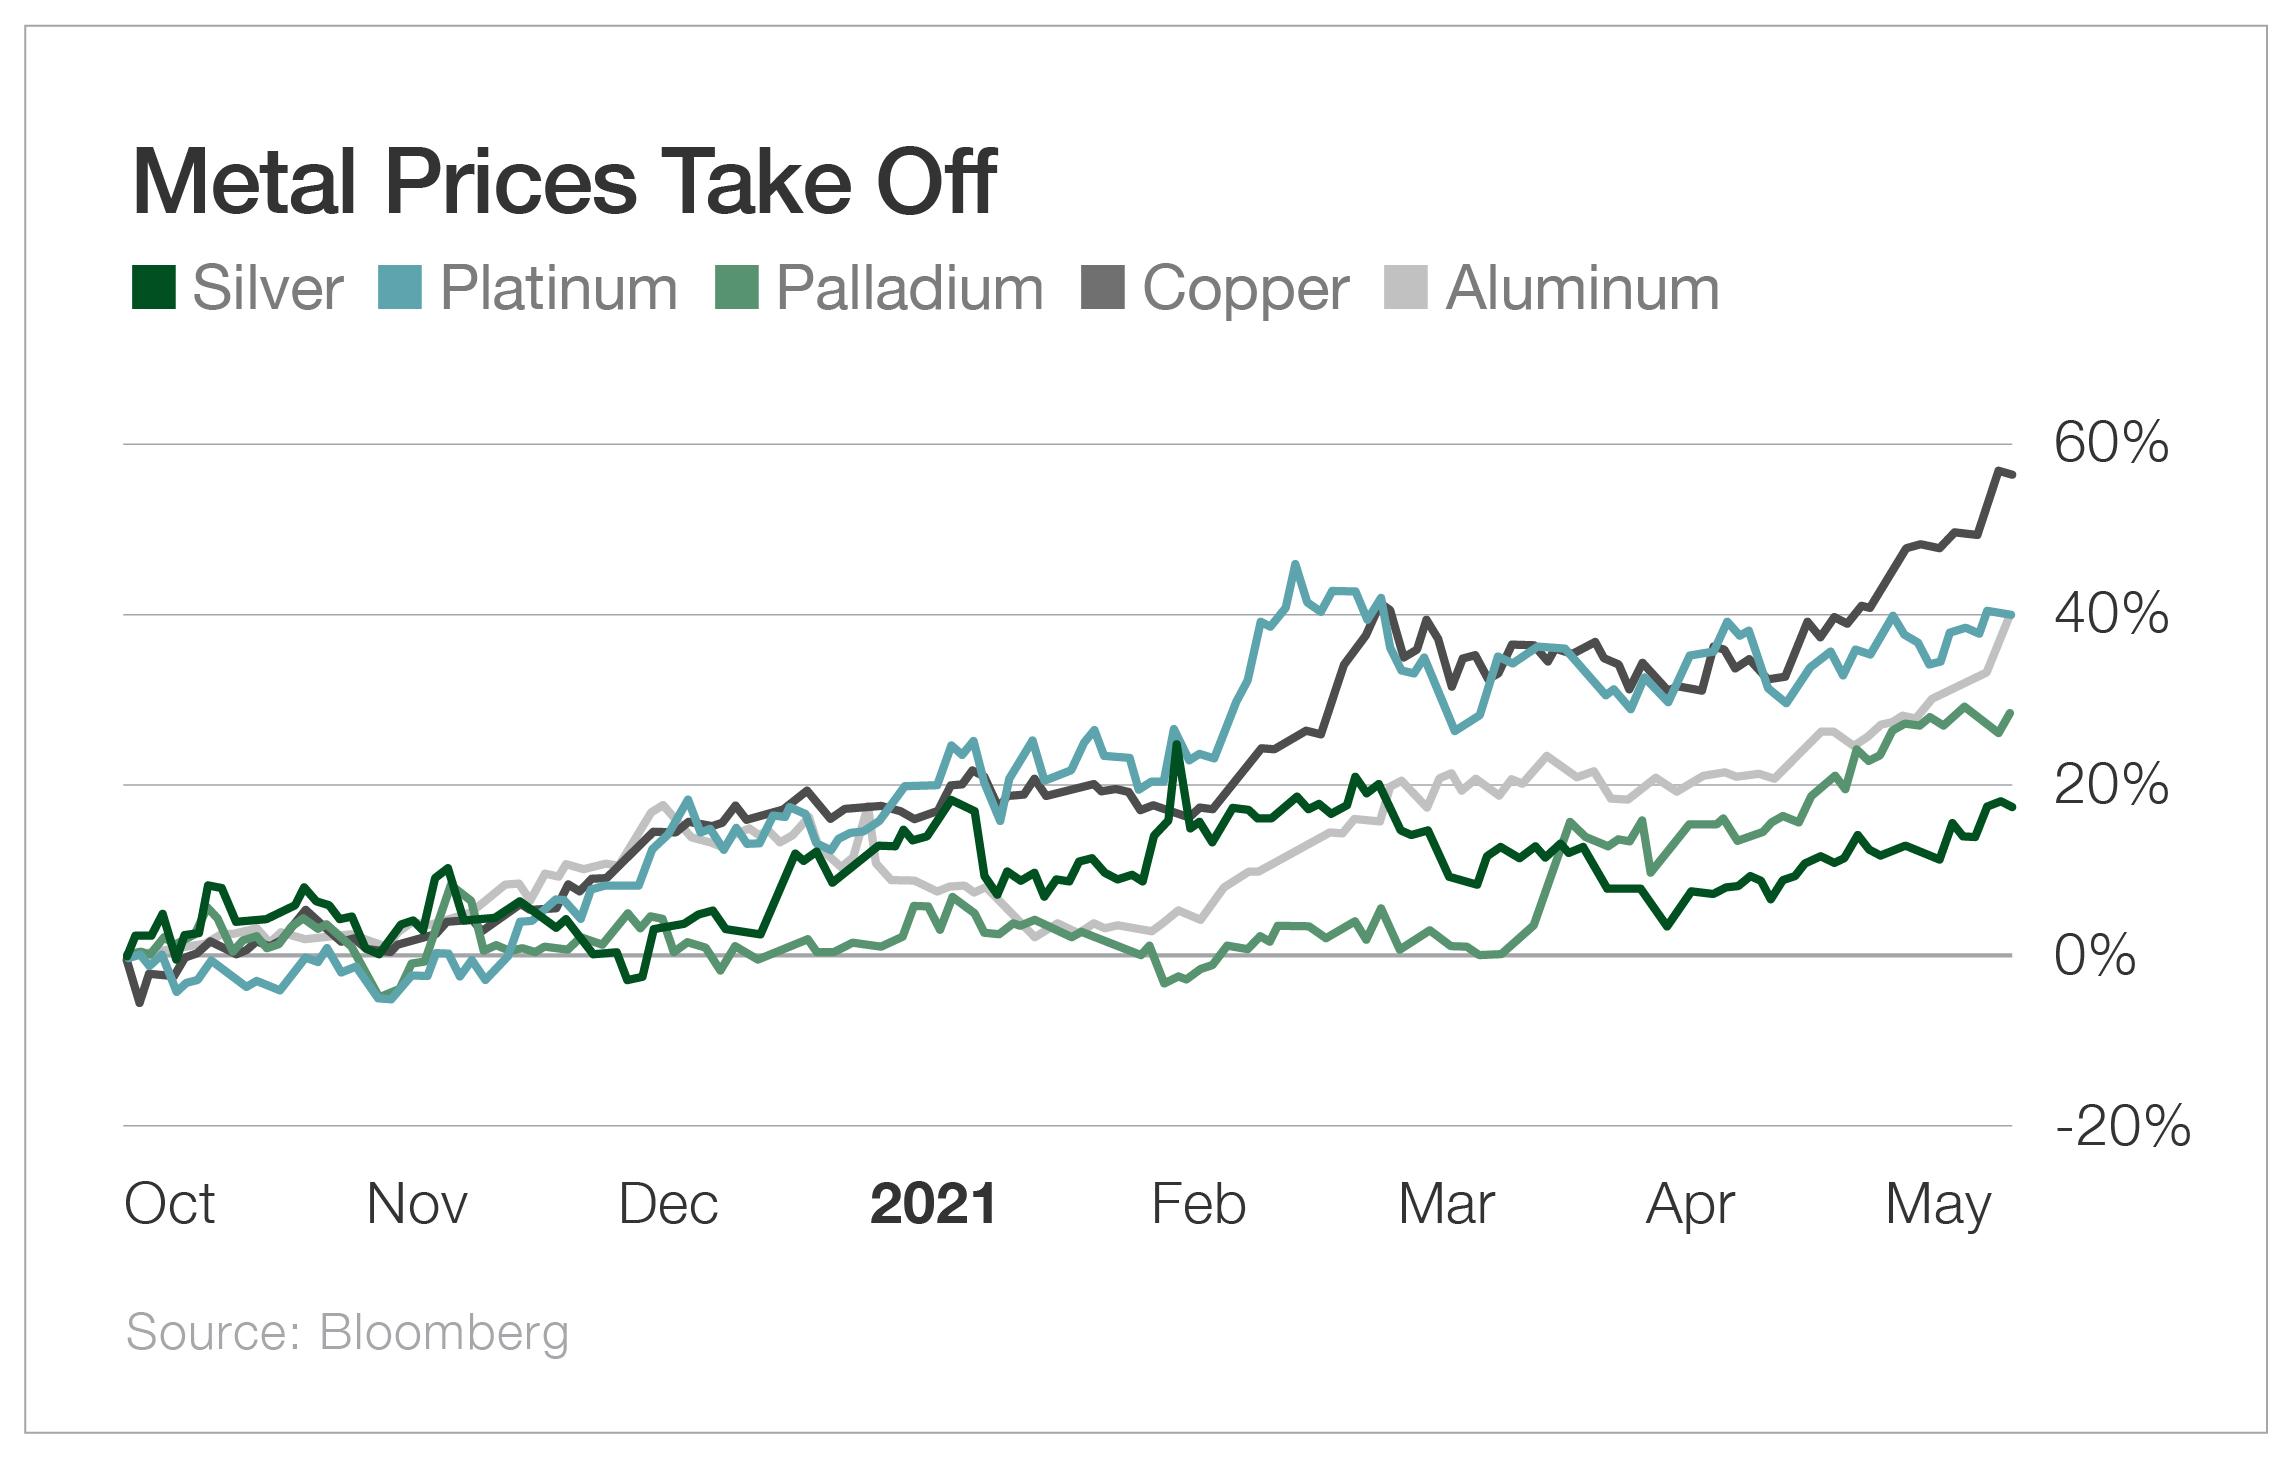 Metal Prices Take Off